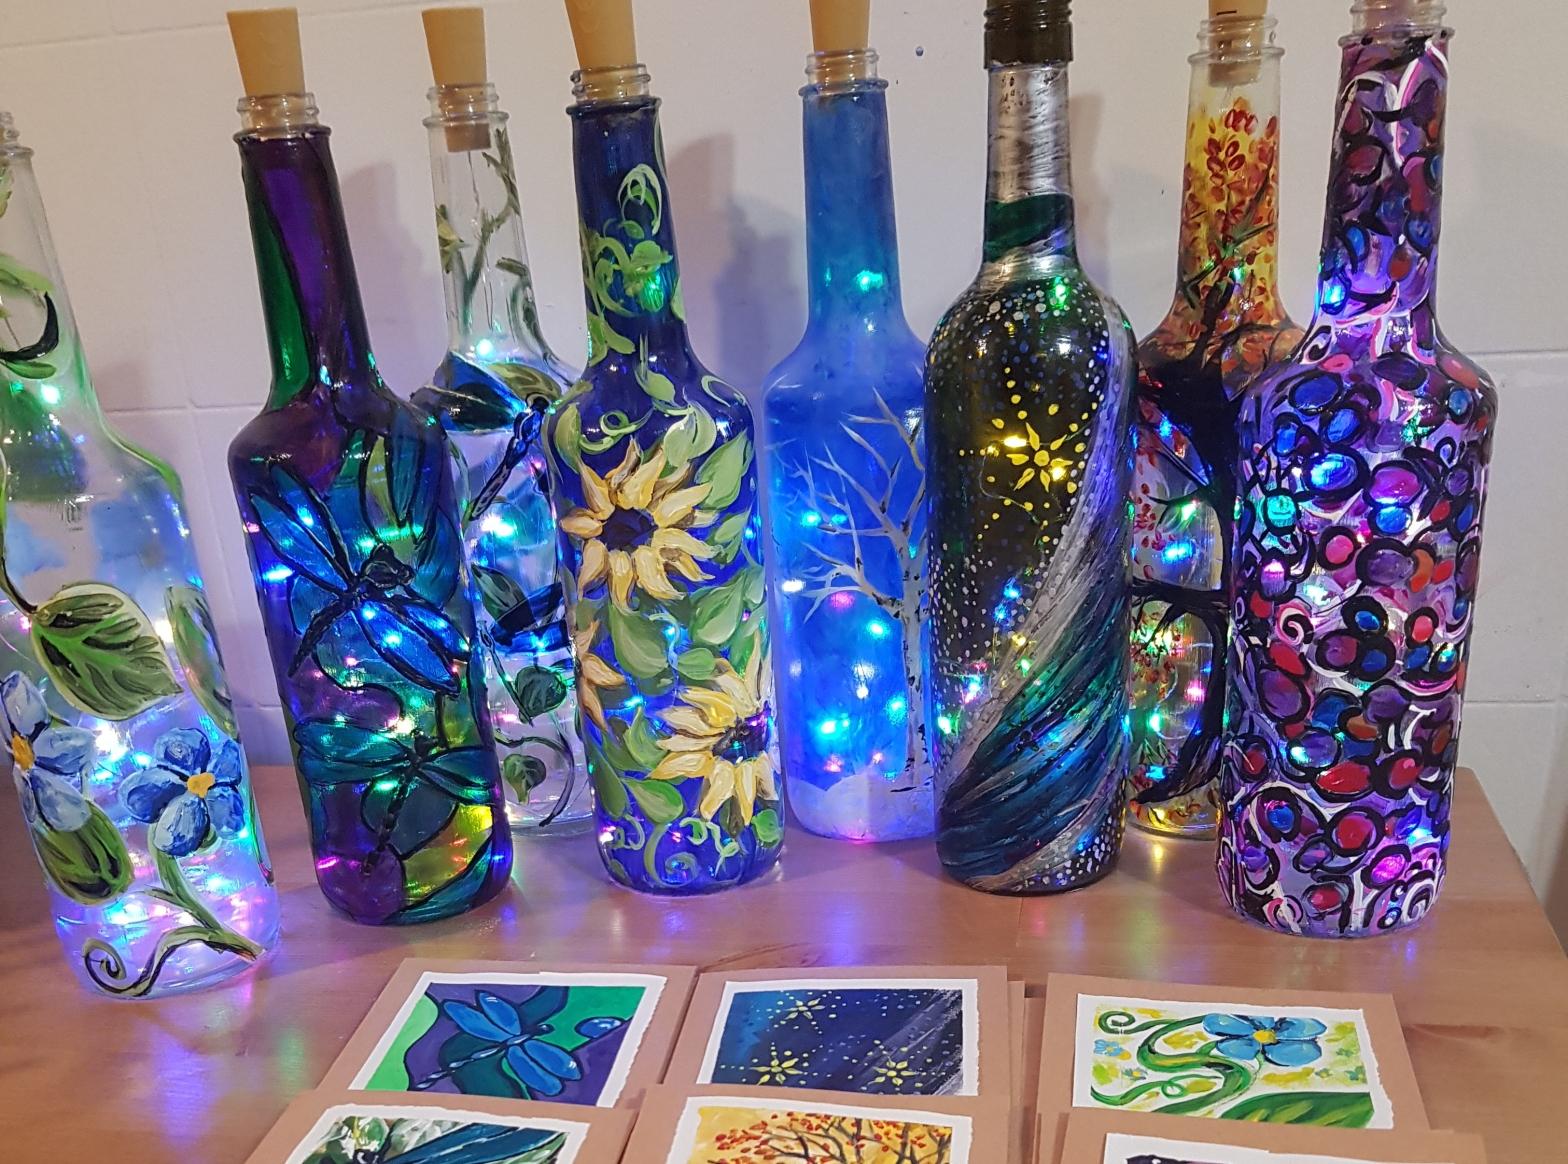 Bottles of De-Light